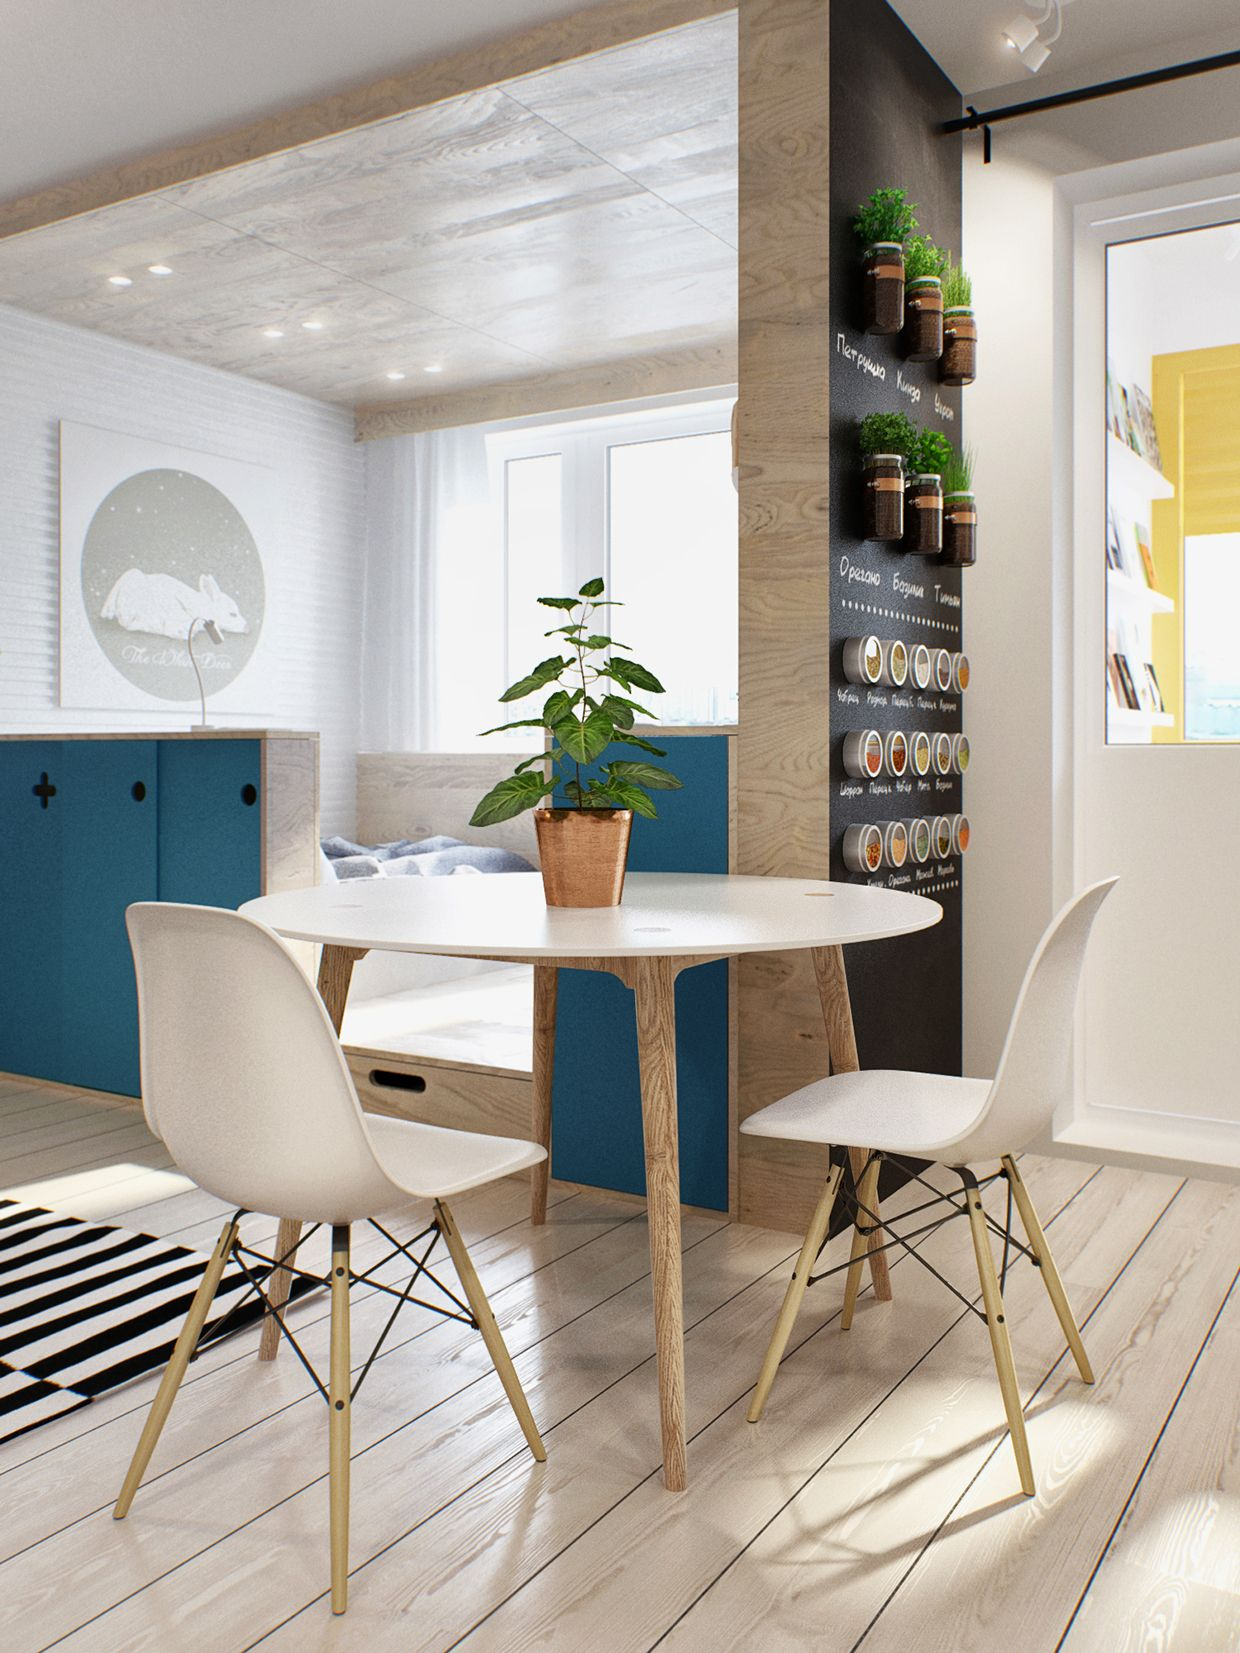 einzimmerwohnung einrichten ideen das gl nzend. Black Bedroom Furniture Sets. Home Design Ideas